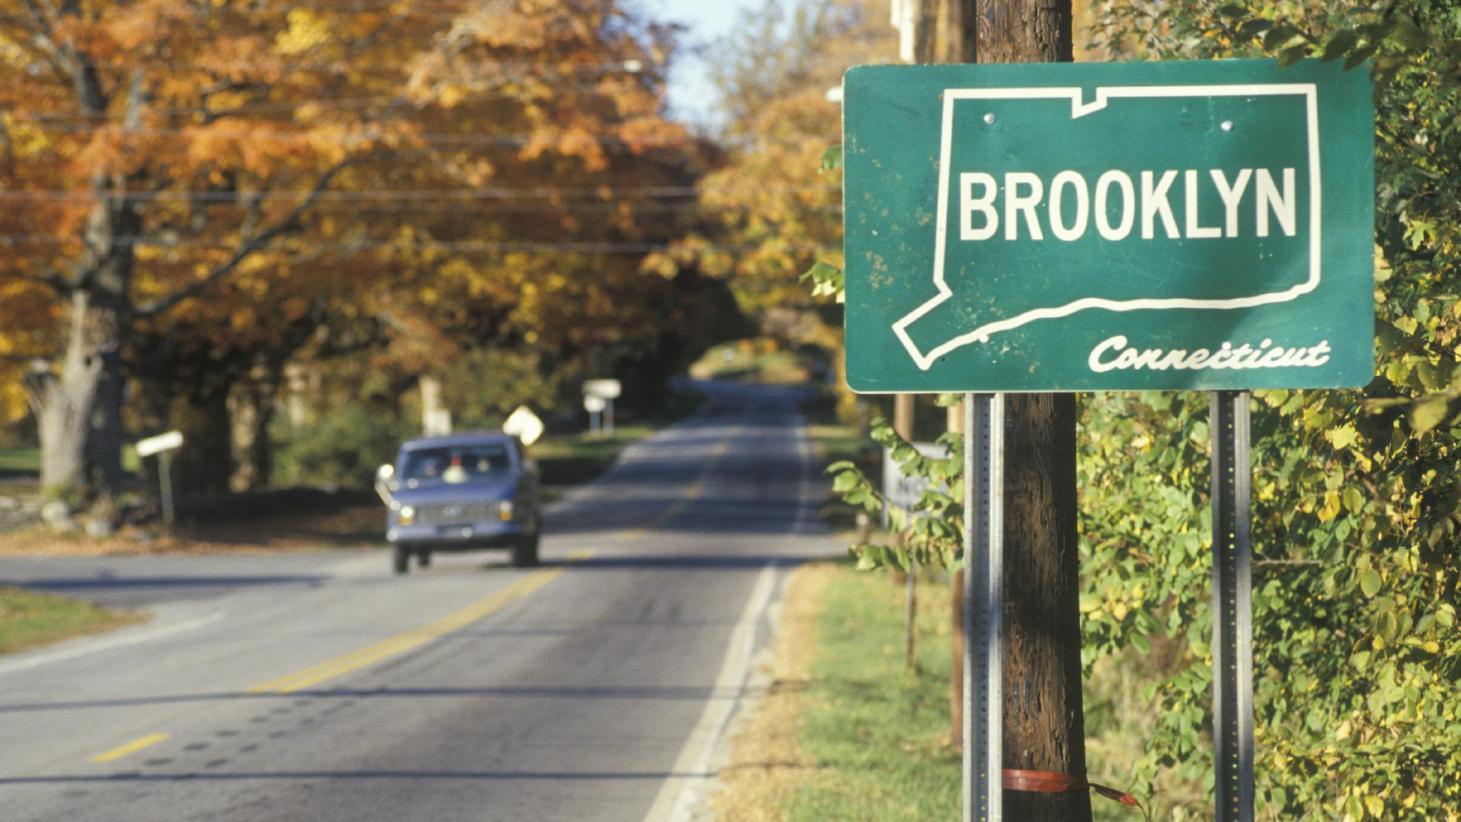 Brooklyn CT bail bonds